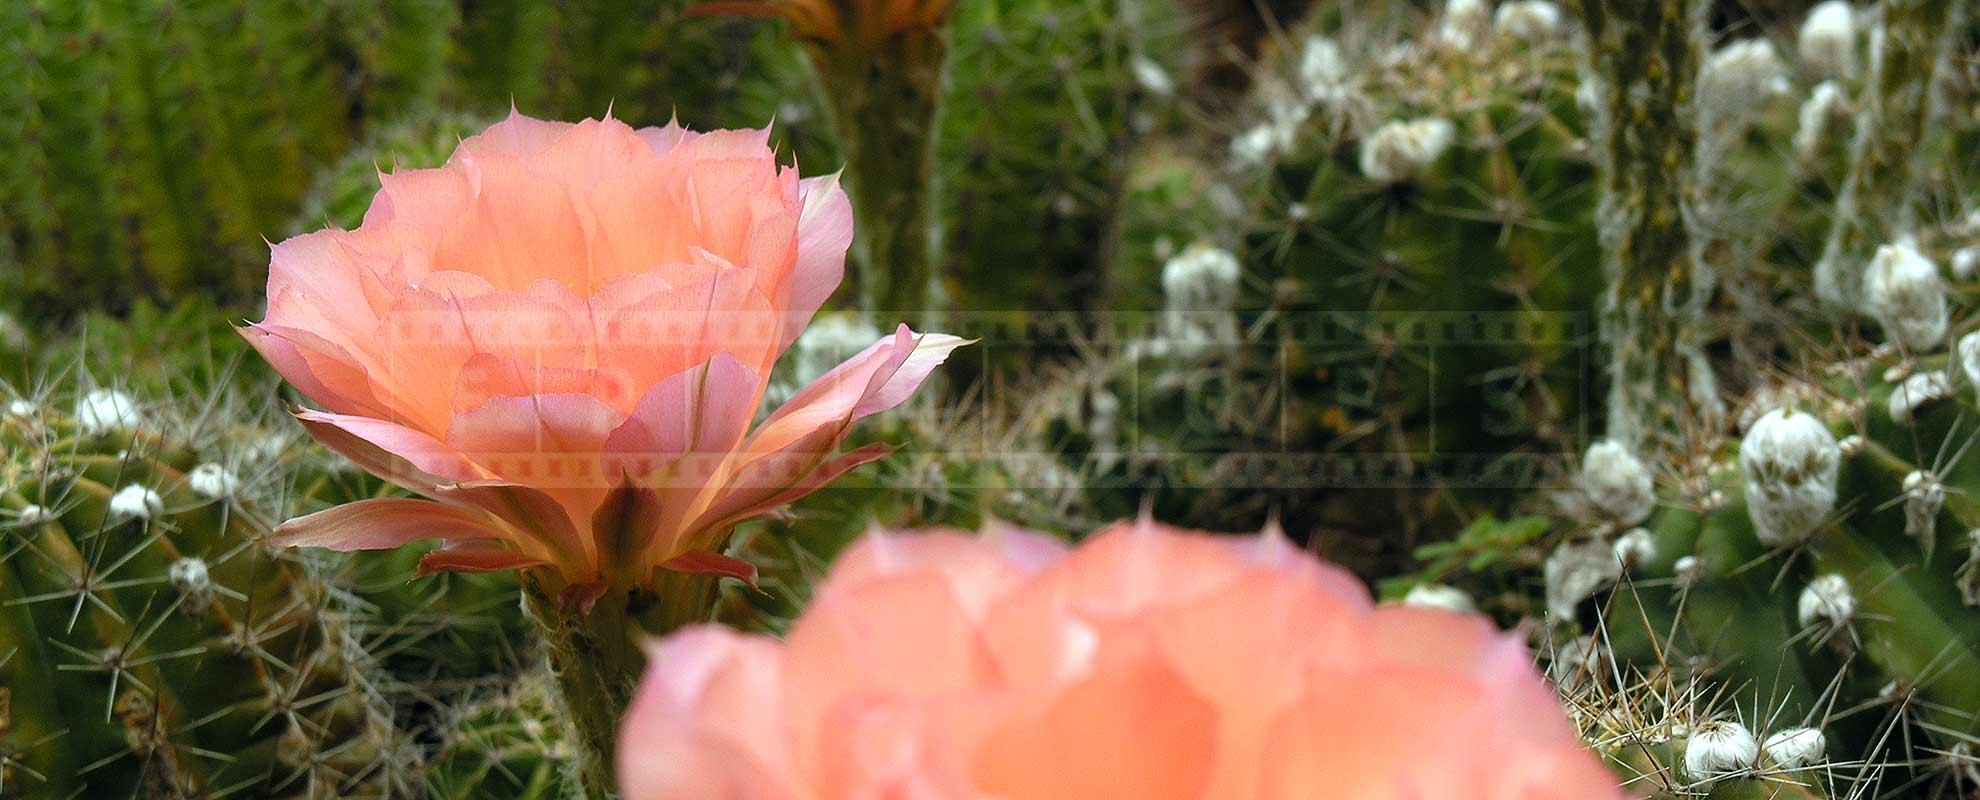 soft pink flower, succulent cactus plant